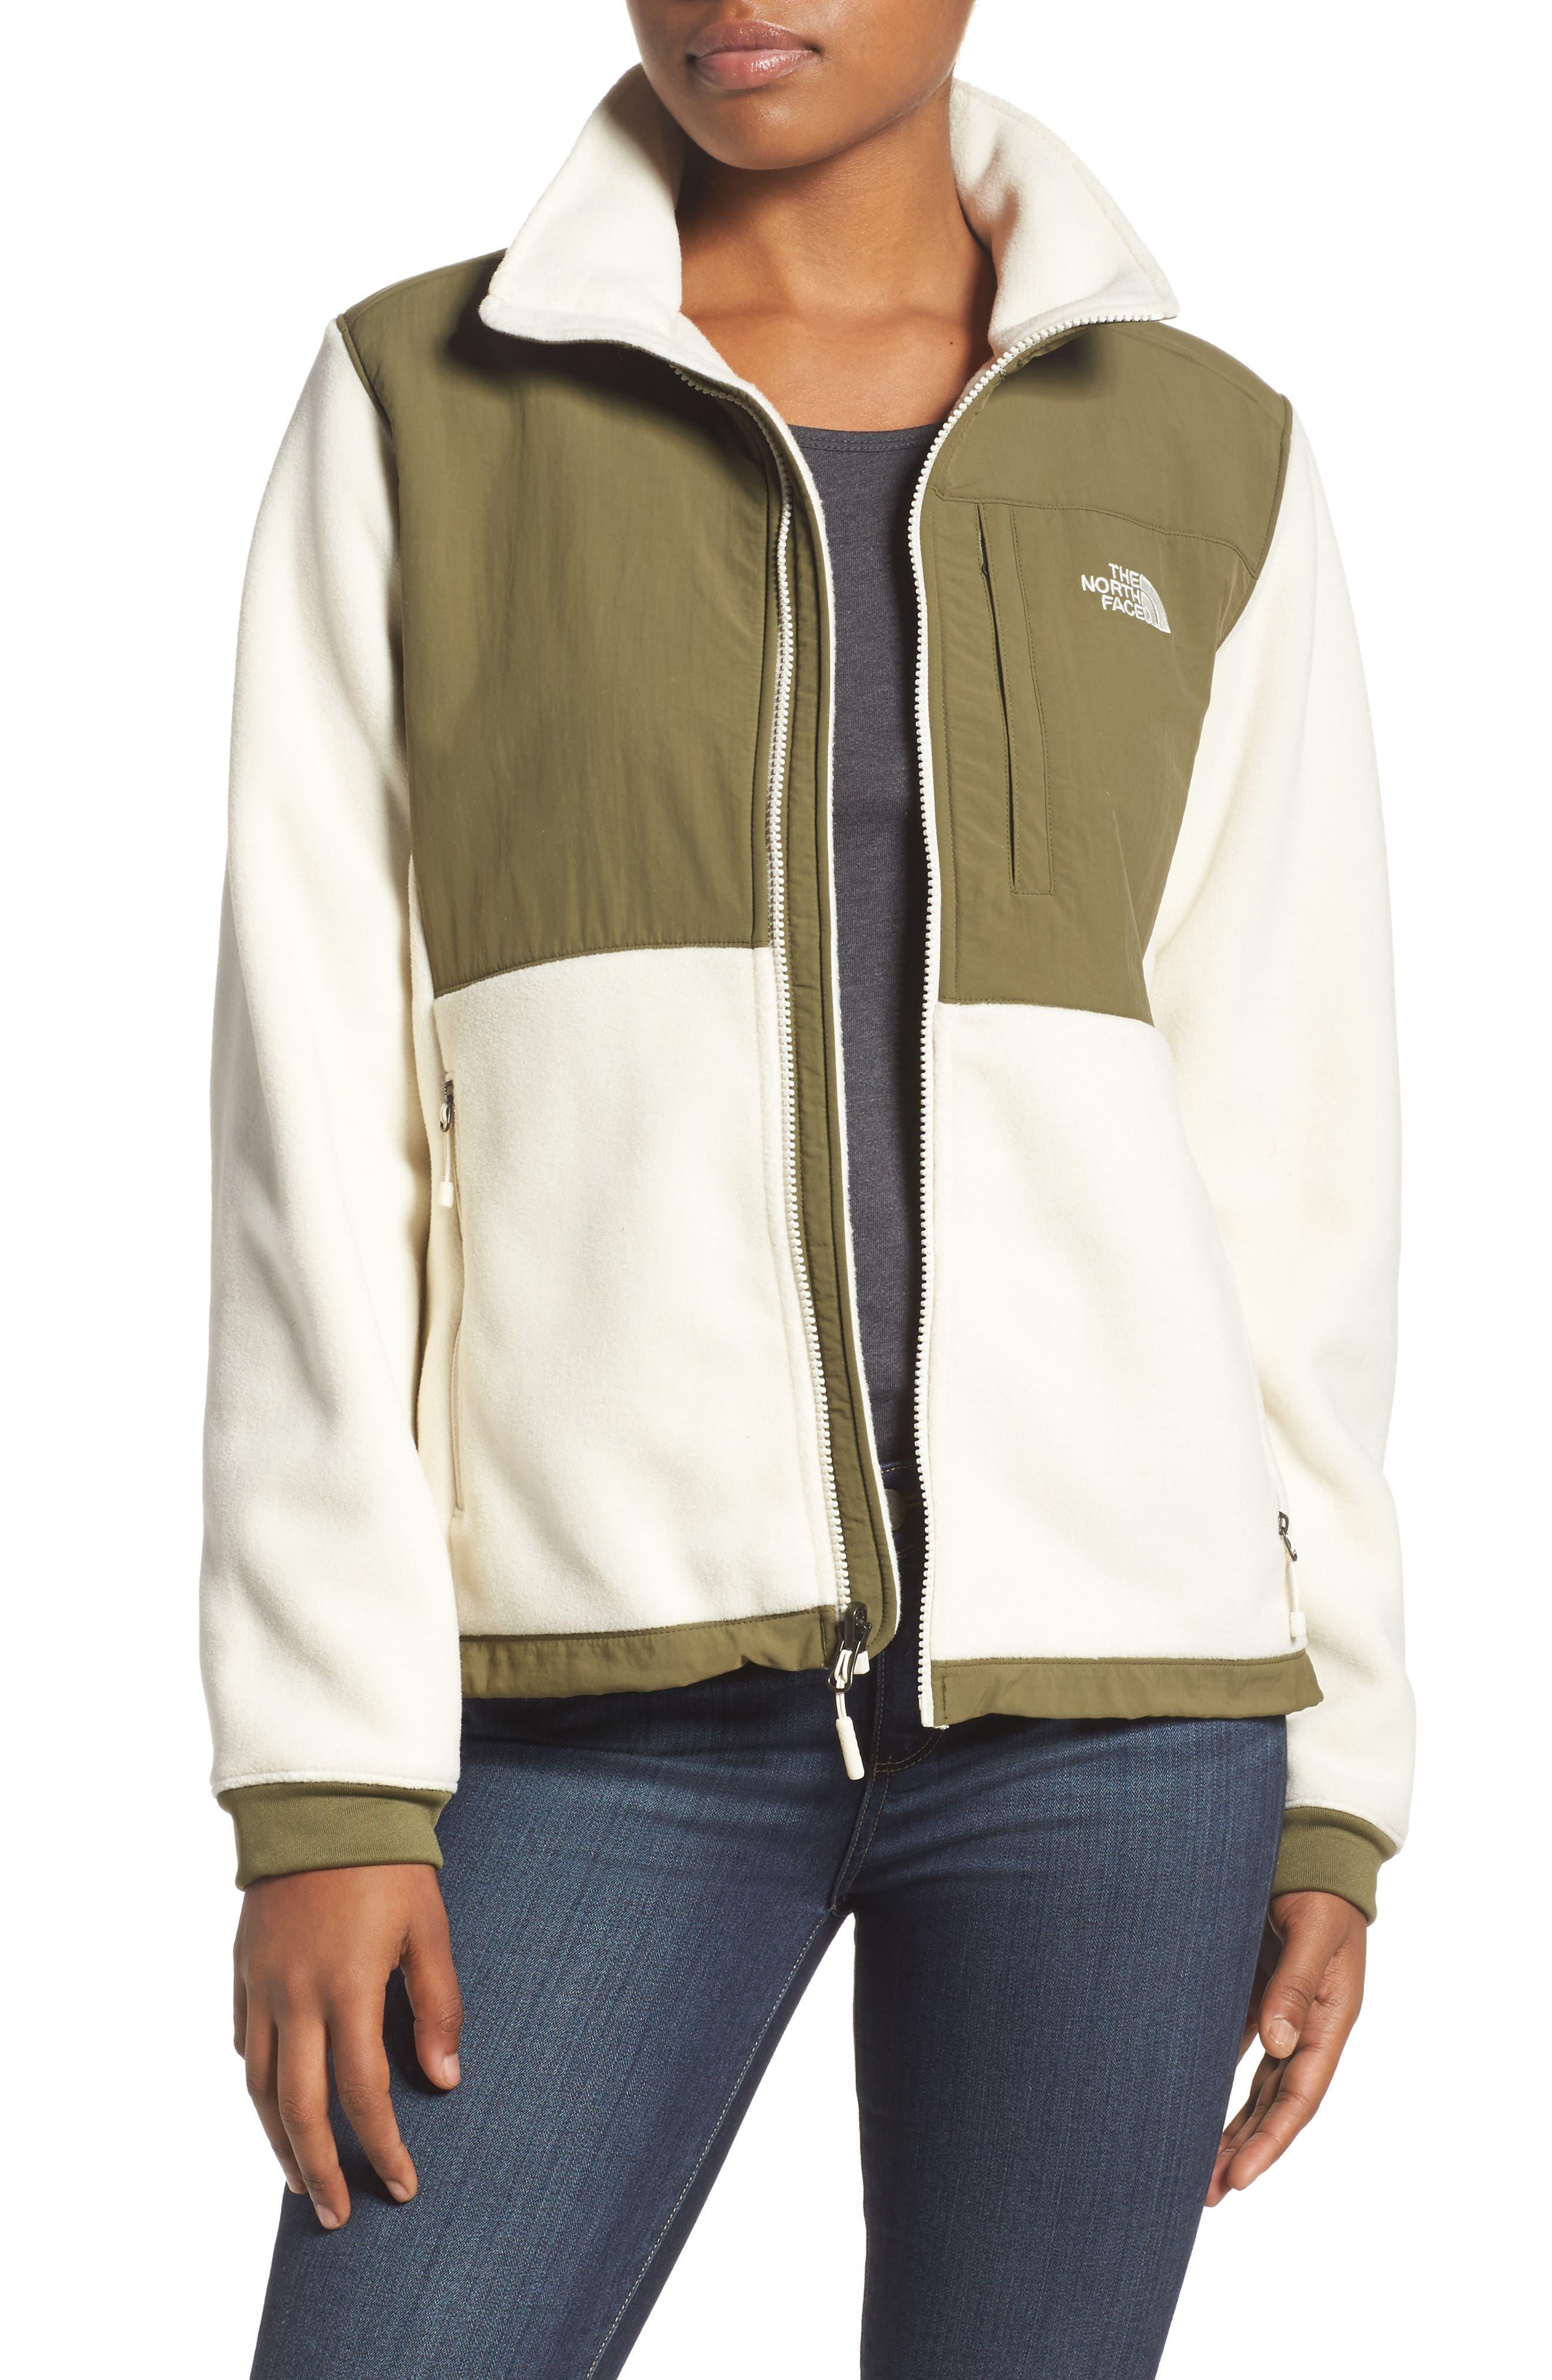 Denali 2 Jacket,                             Main thumbnail 1, color,                             101